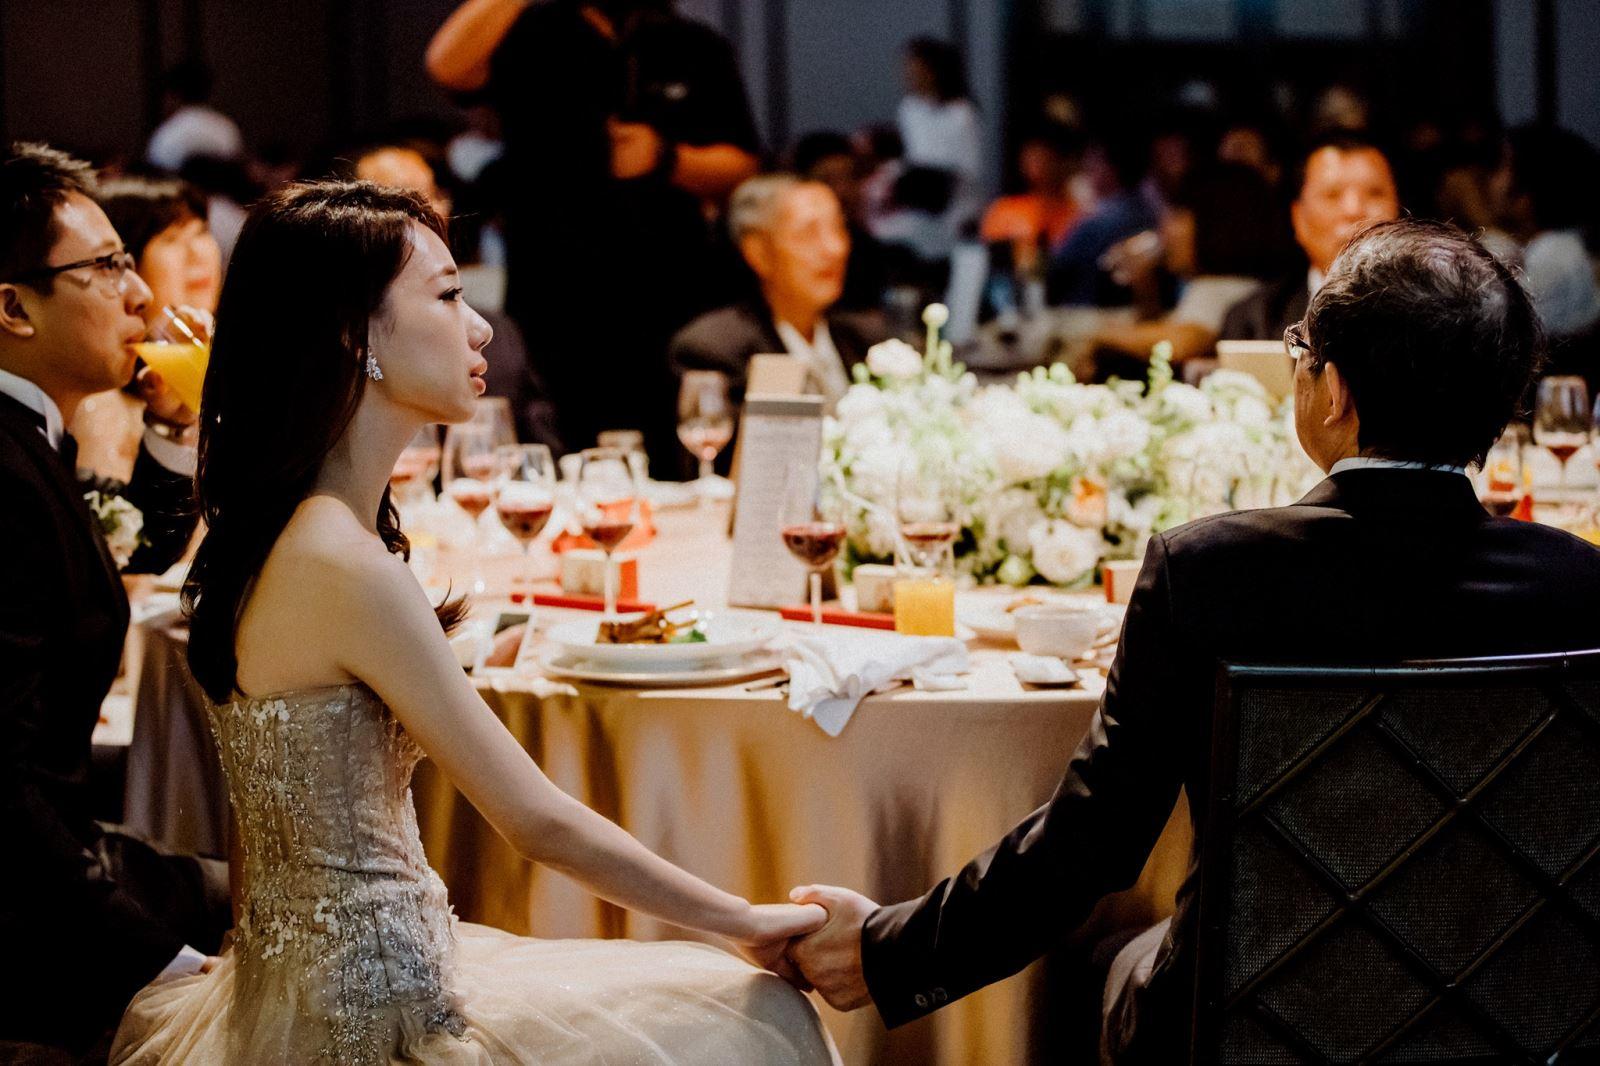 婚禮上,看成長影片時,牽著爸爸的手,鼻子酸酸的,眼眶紅紅的